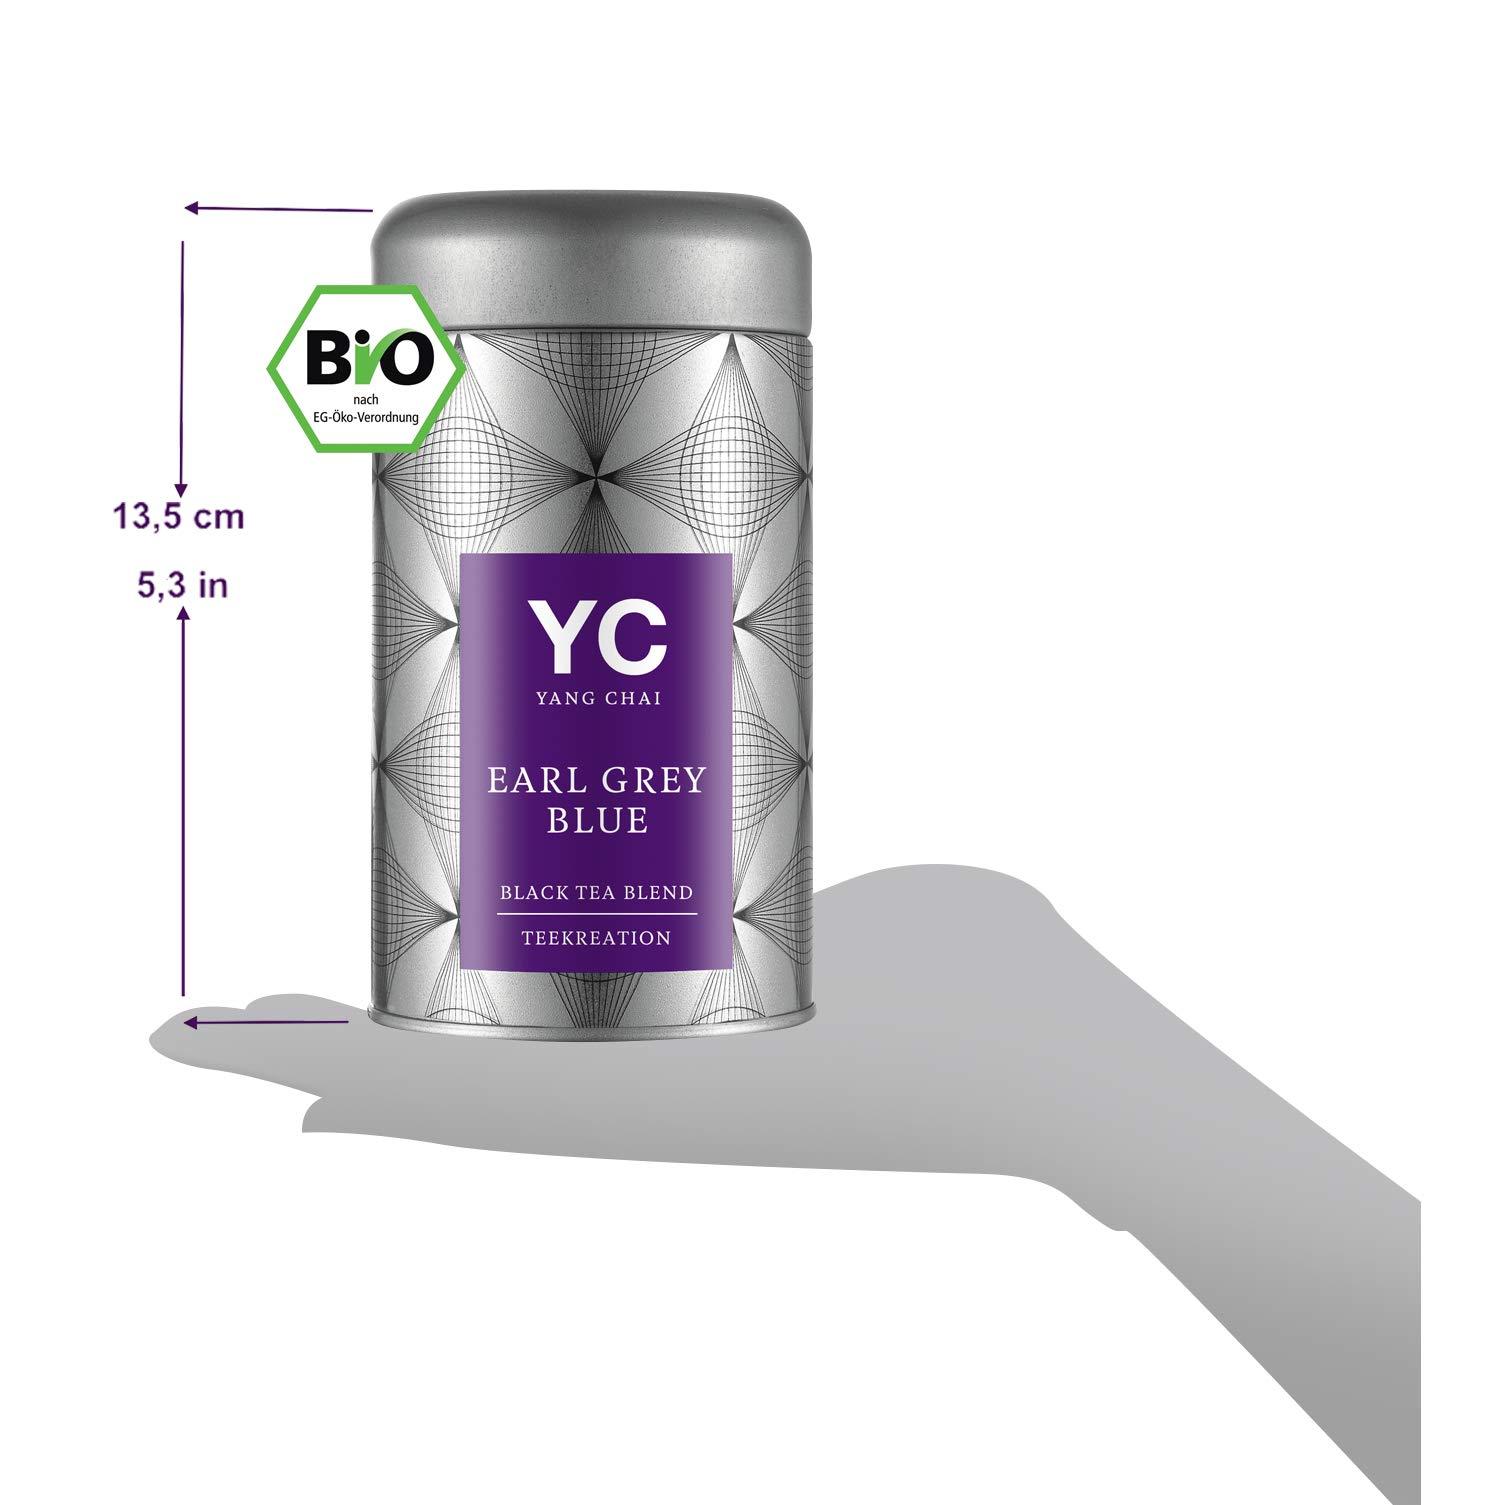 Yang-Chai-Bio-Earl-Grey-Blue-Tee-in-Premium-Qualitt-hochwertiger-Schwarztee-mit-Bergamotte-lose–das-ideale-Tee-Geschenk-fr-Teeliebhaber-in-stabiler-Teedose